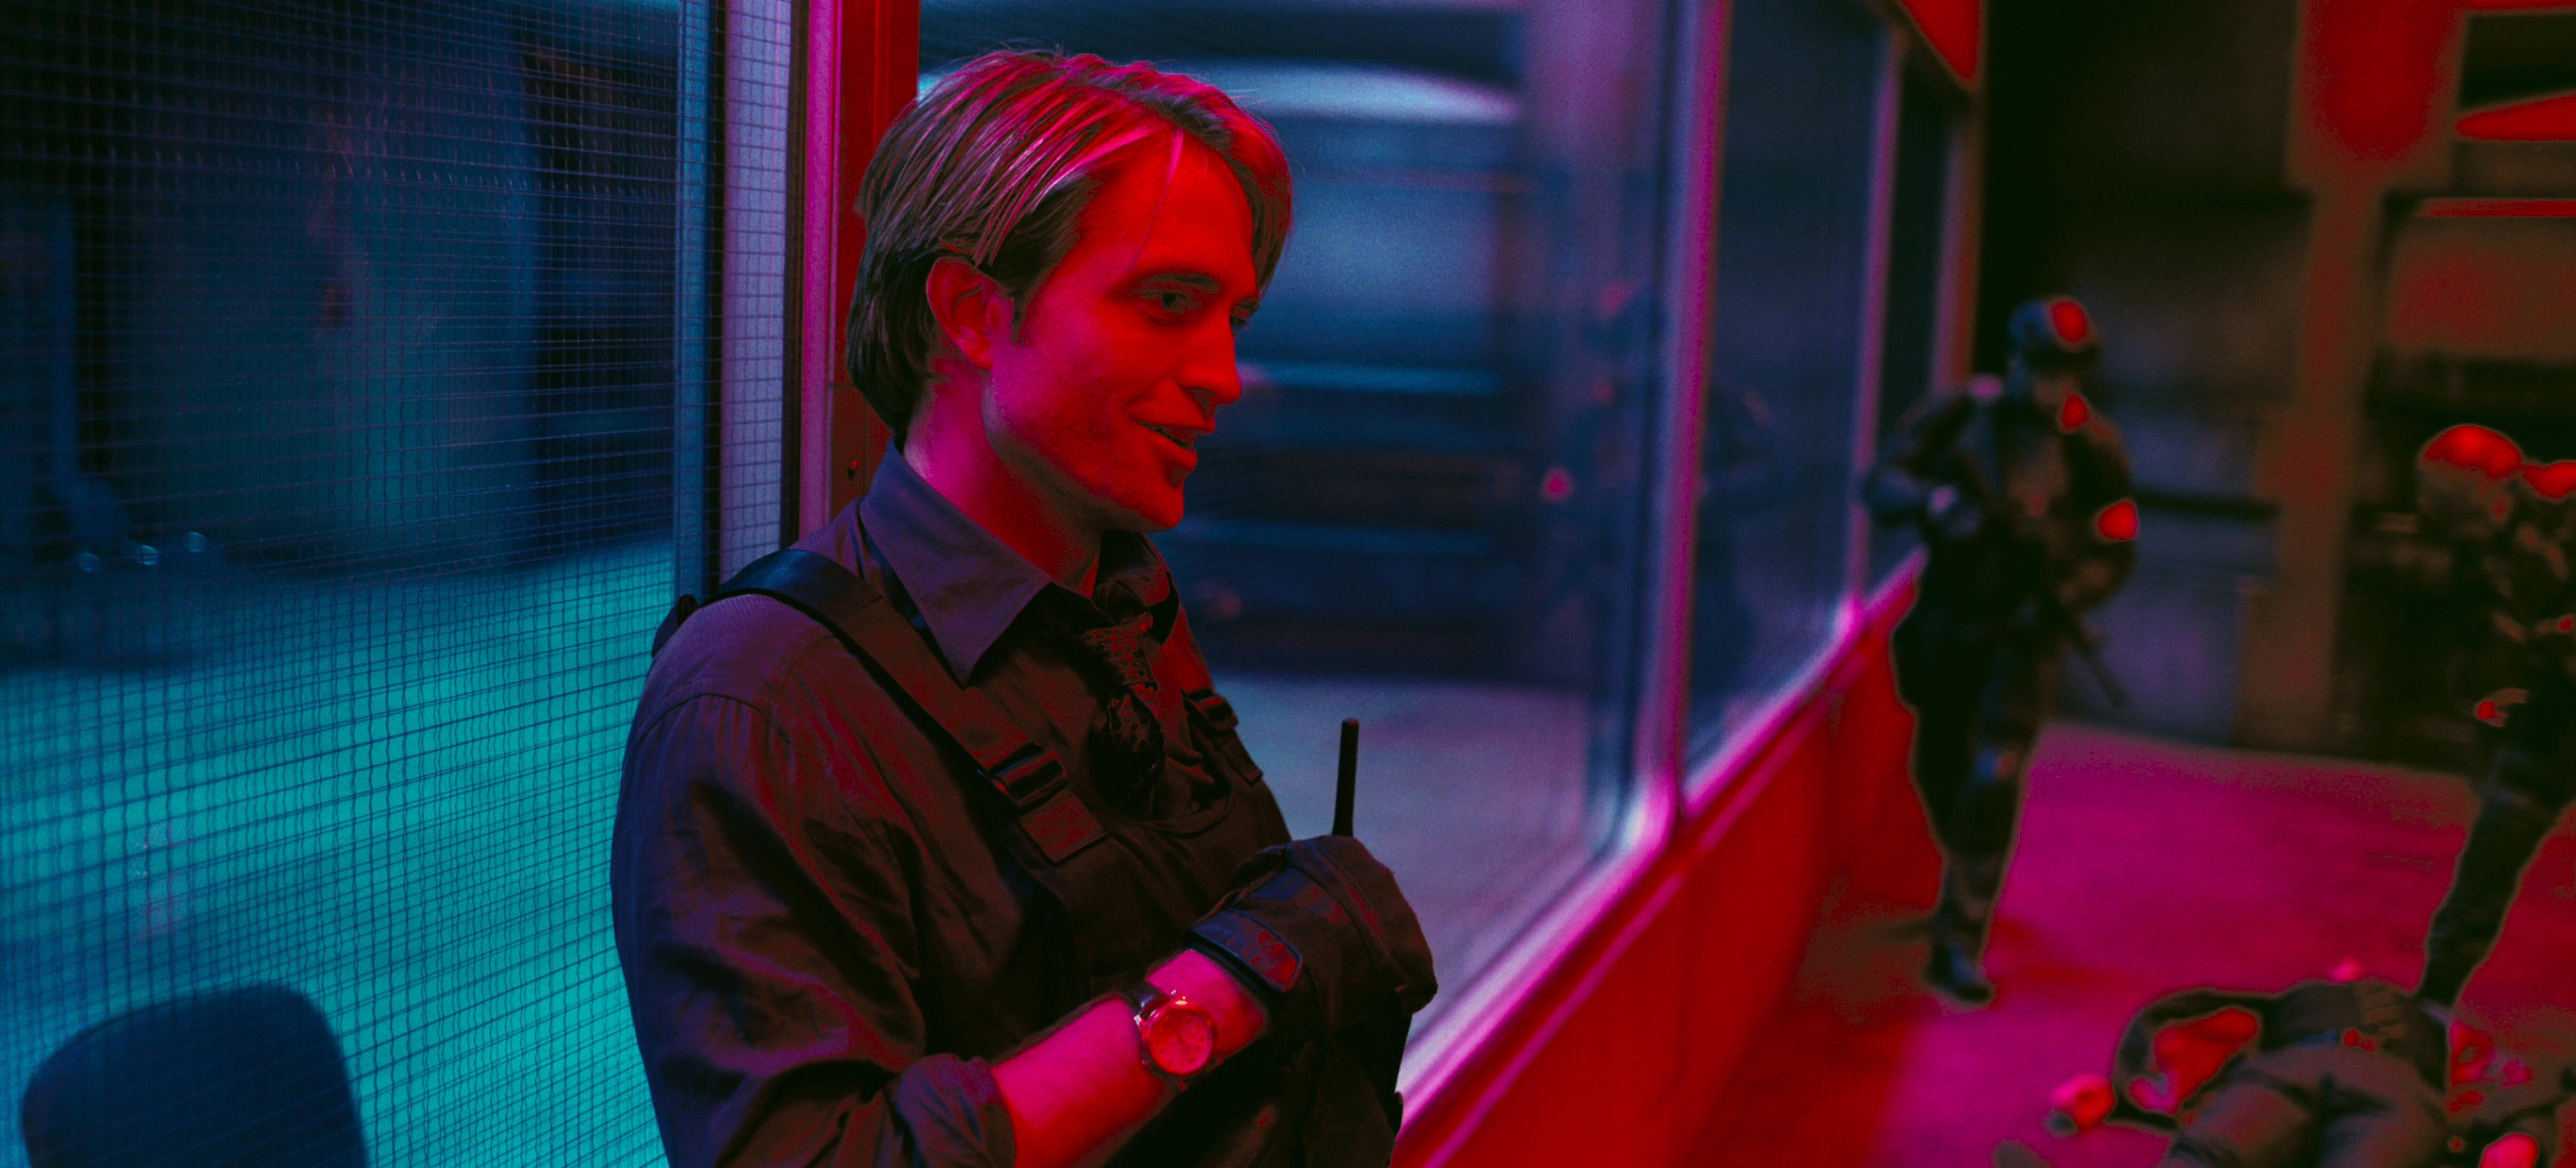 Самый нищий из коллег: Роберт Паттинсон получил «копейки» за роль Бэтмена